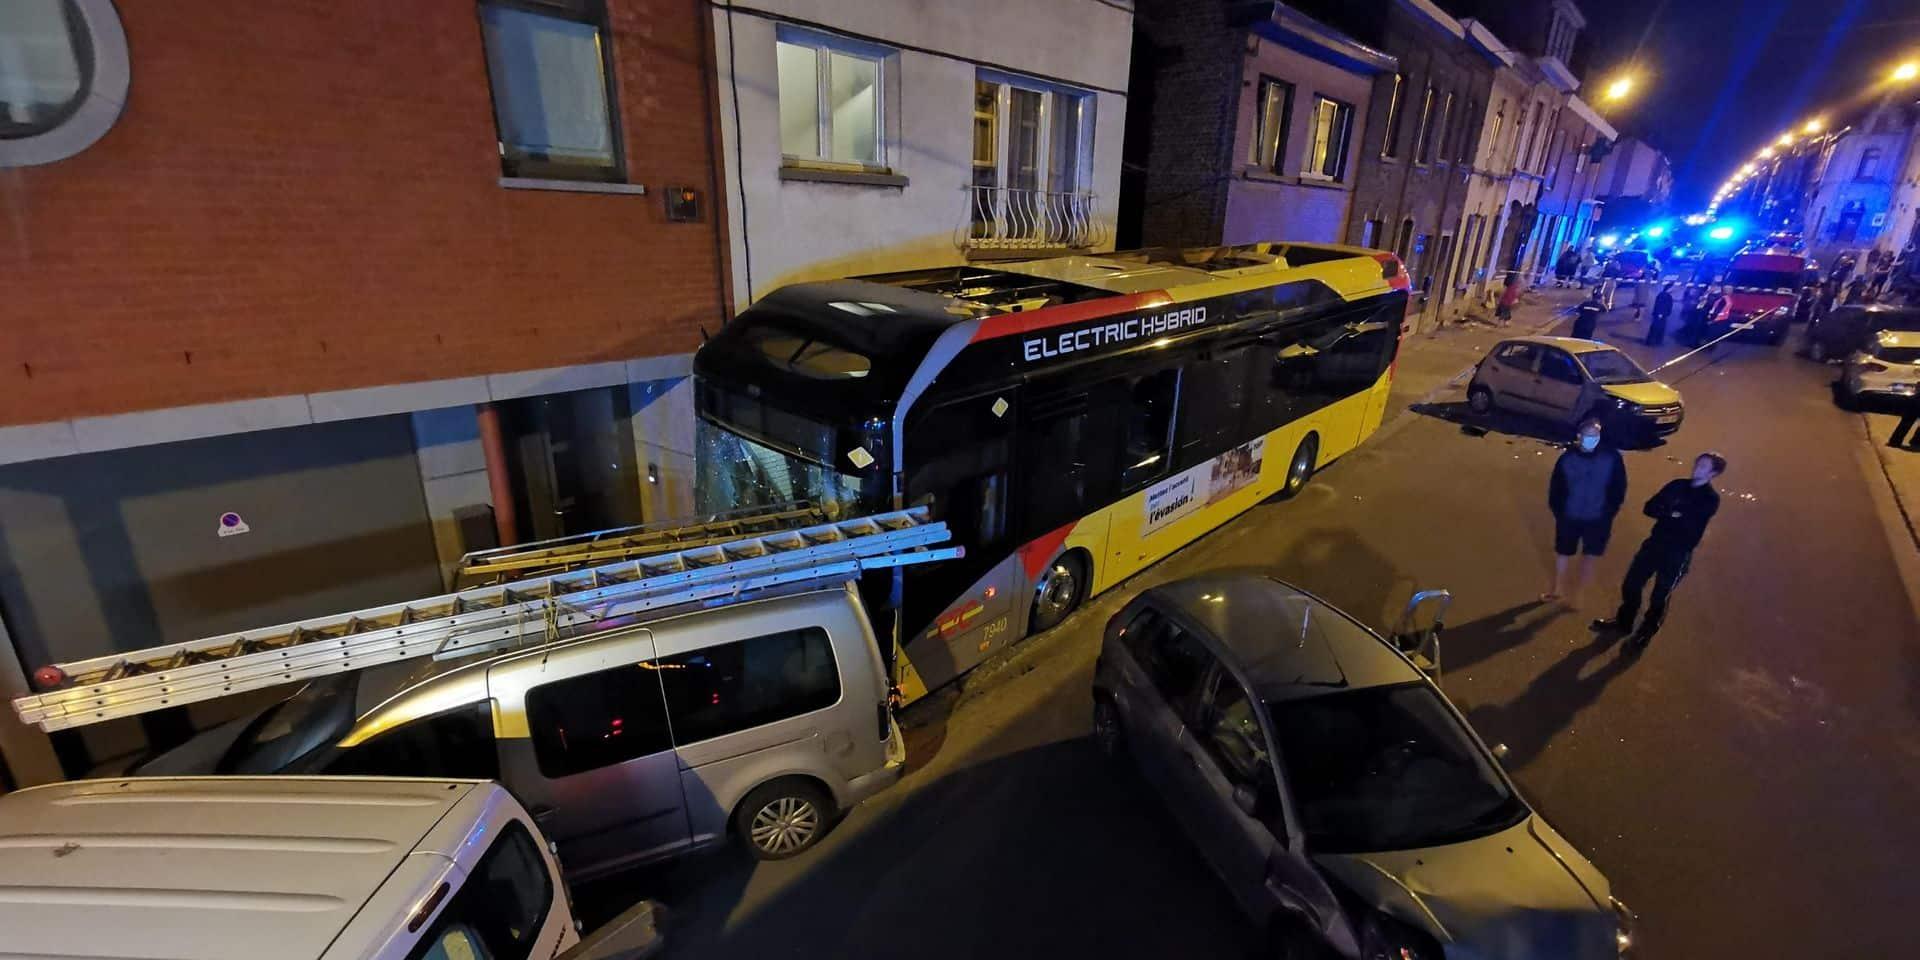 Montignies-sur-Sambre : un chauffeur de bus fait un malaise au volant, des dégâts impressionnants